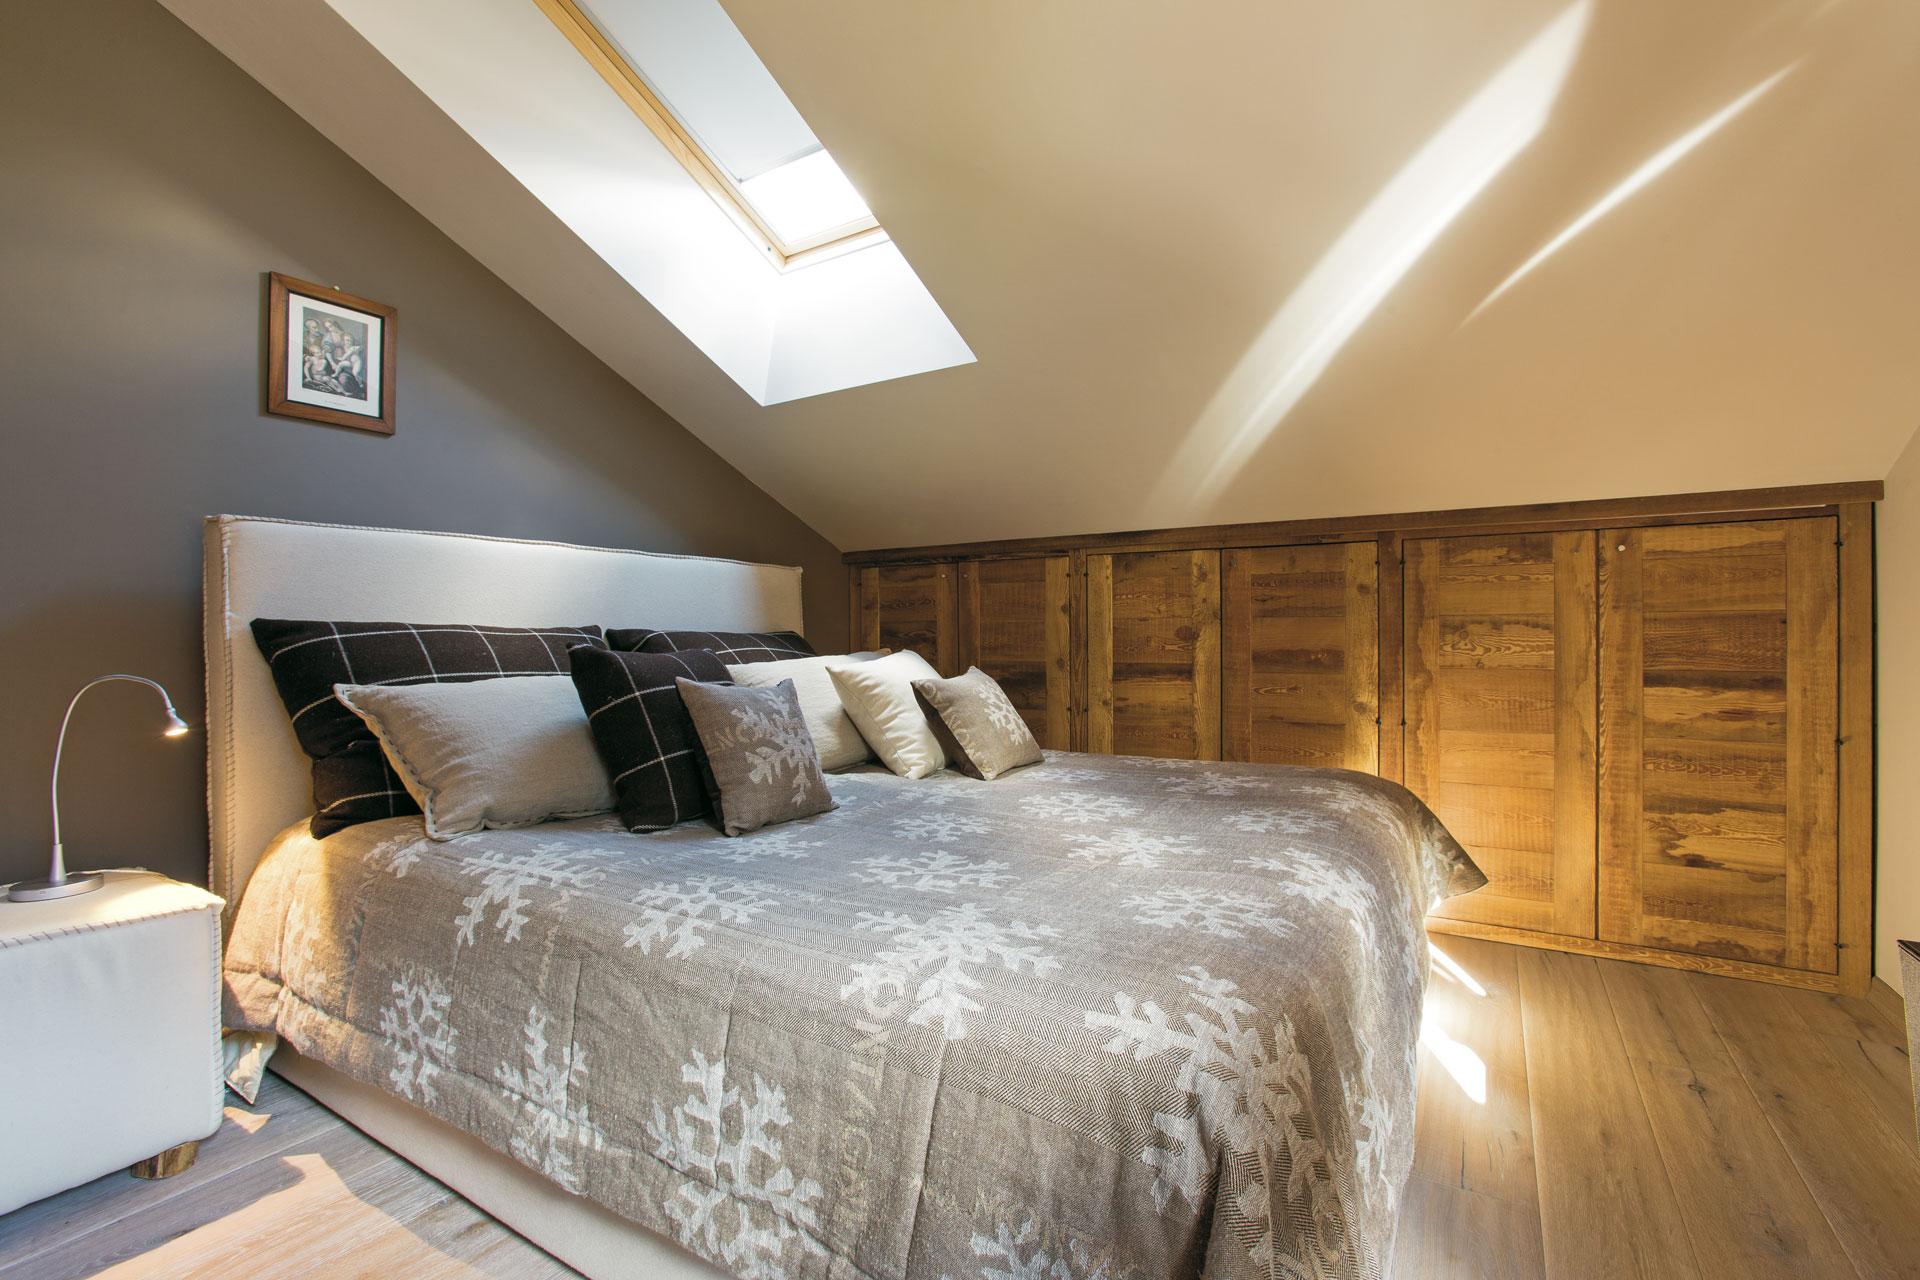 In particolare abbiamo subito amato la tonalità di colore del legno naturale in larice bio che porta quell'atmosfera calda e rilassante che volevamo conferire alla nostra casa